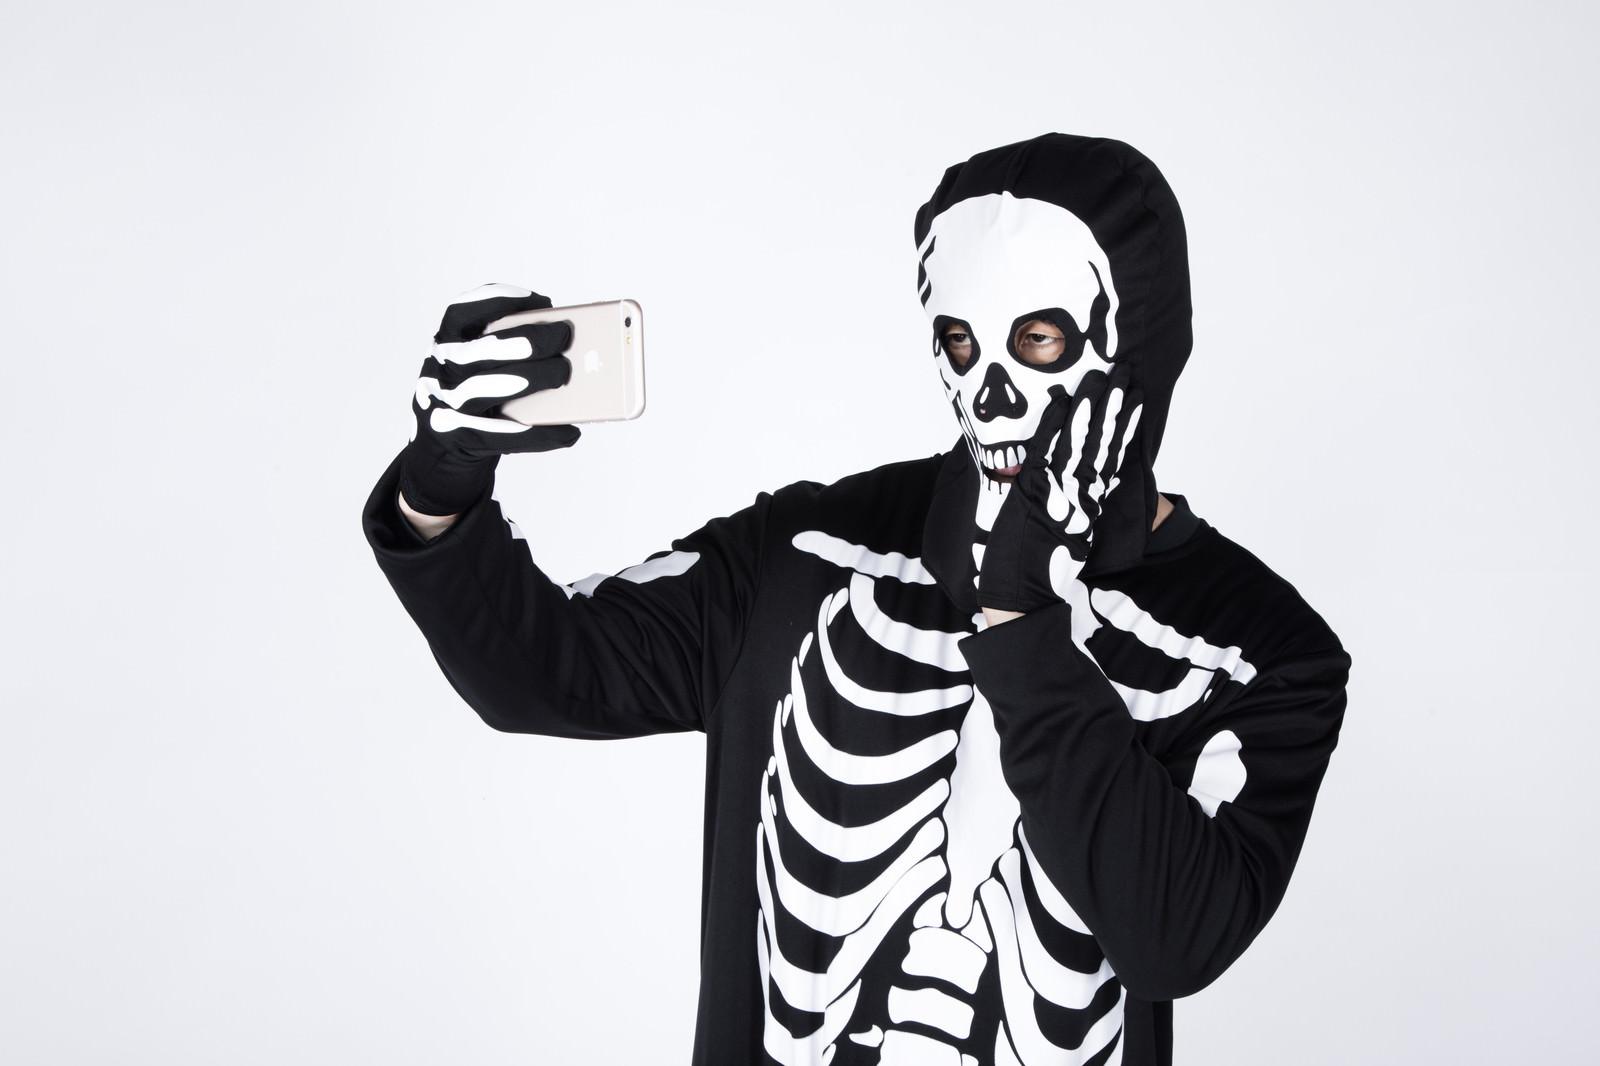 「骨になっても虫歯ポーズで盛る読モ」の写真[モデル:大川竜弥]